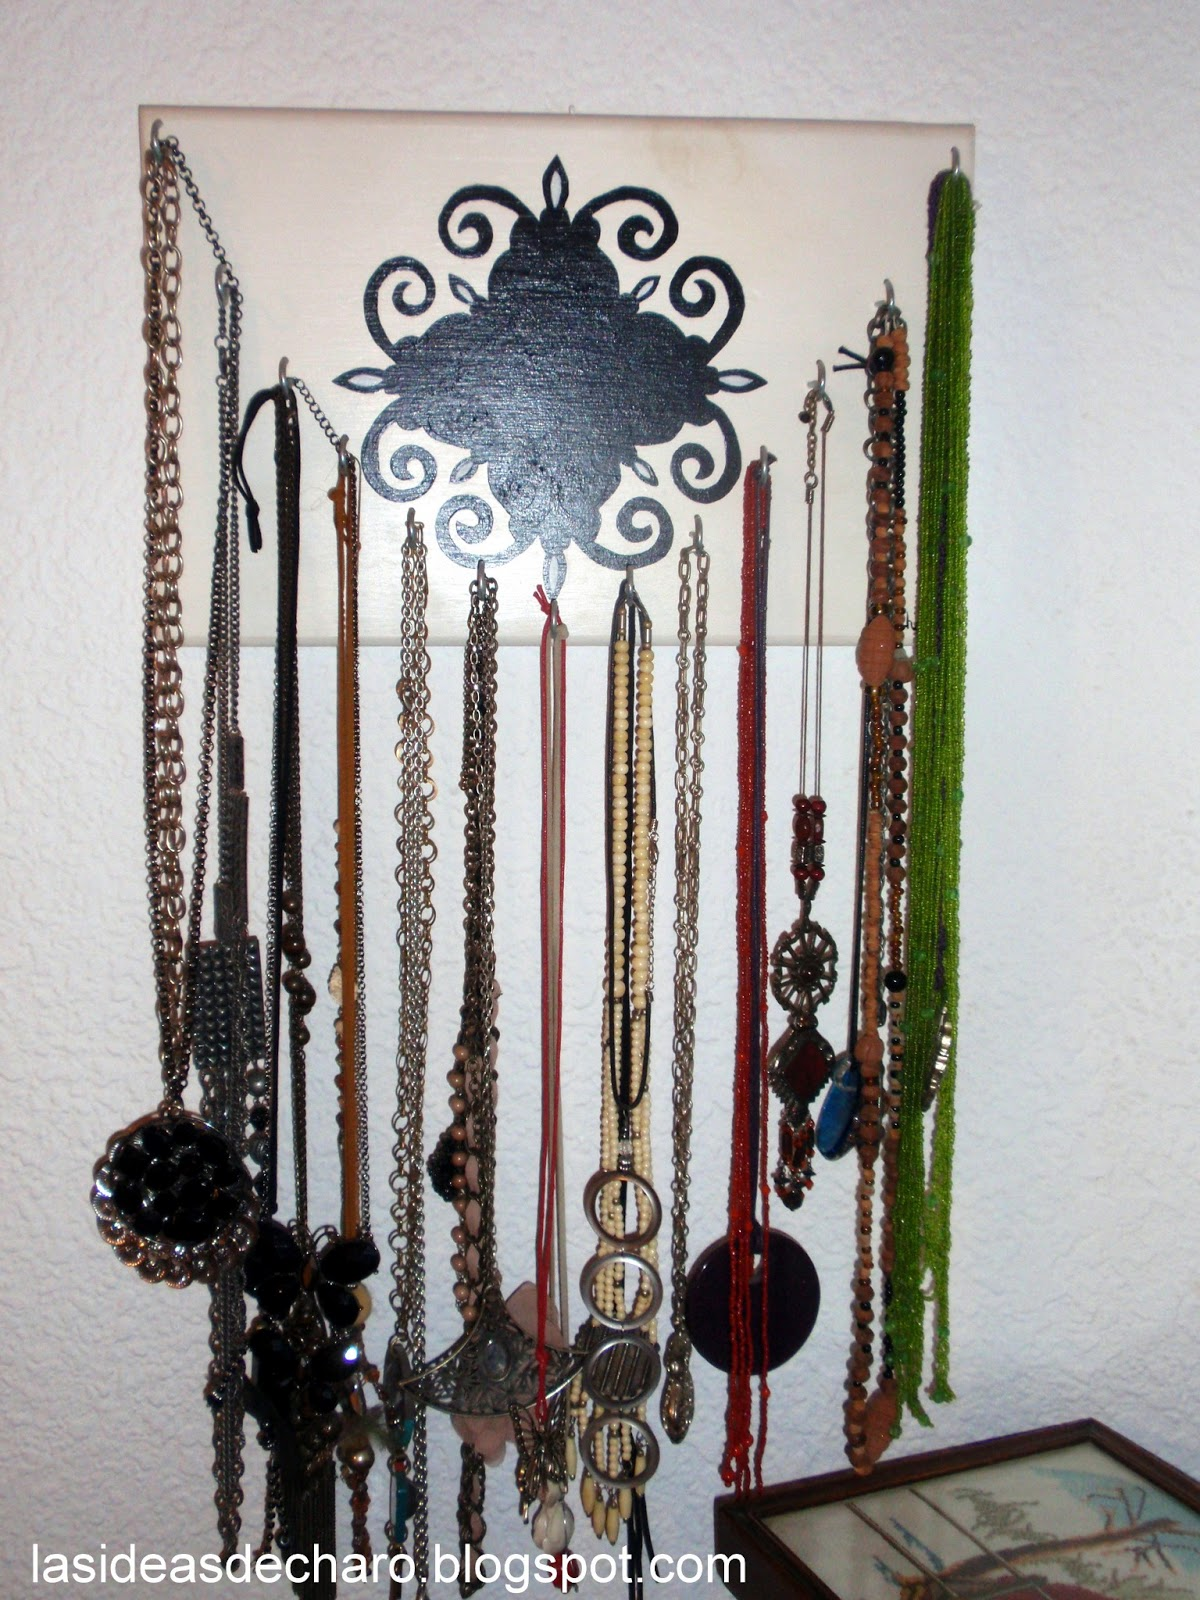 Las ideas de charo colgador de collares - Para colgar collares ...